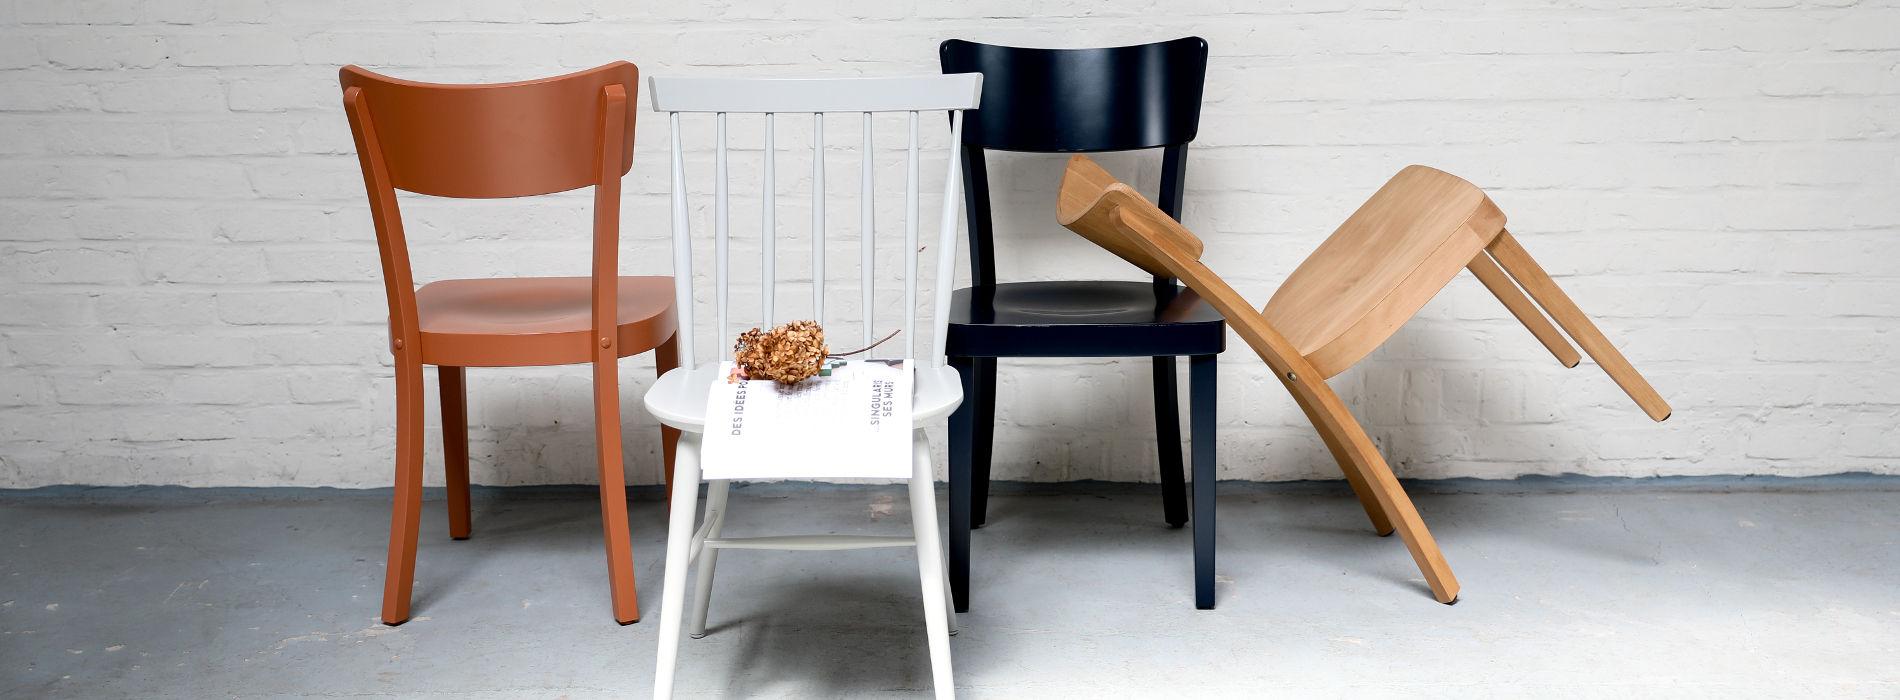 Chaise Thonet en bois brut ou laquées